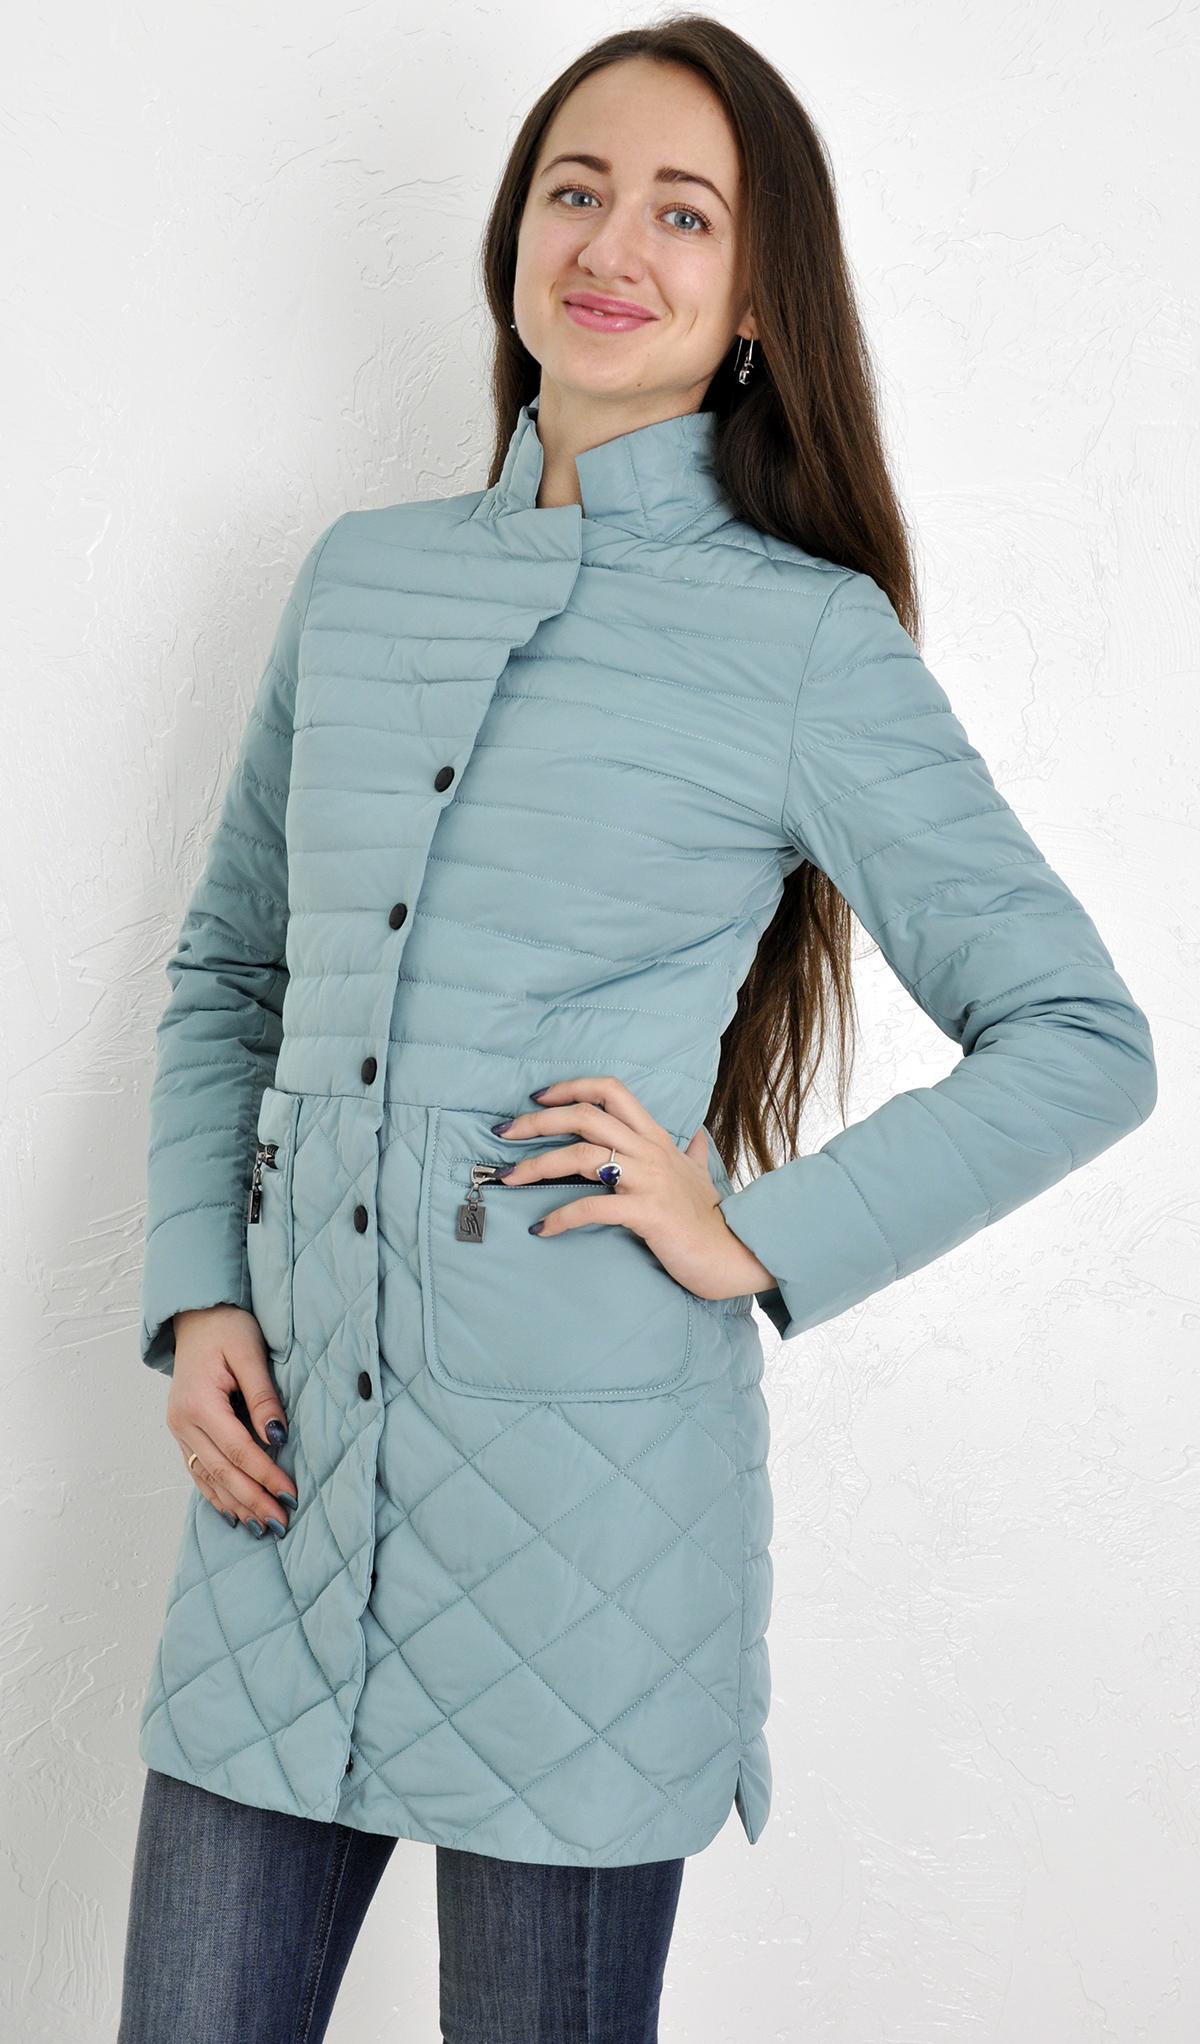 0a1c2f44d9ed Куртка женская Meajiateer оливковая 1719 длинная английский воротник  приталеная демисезонная простроченная